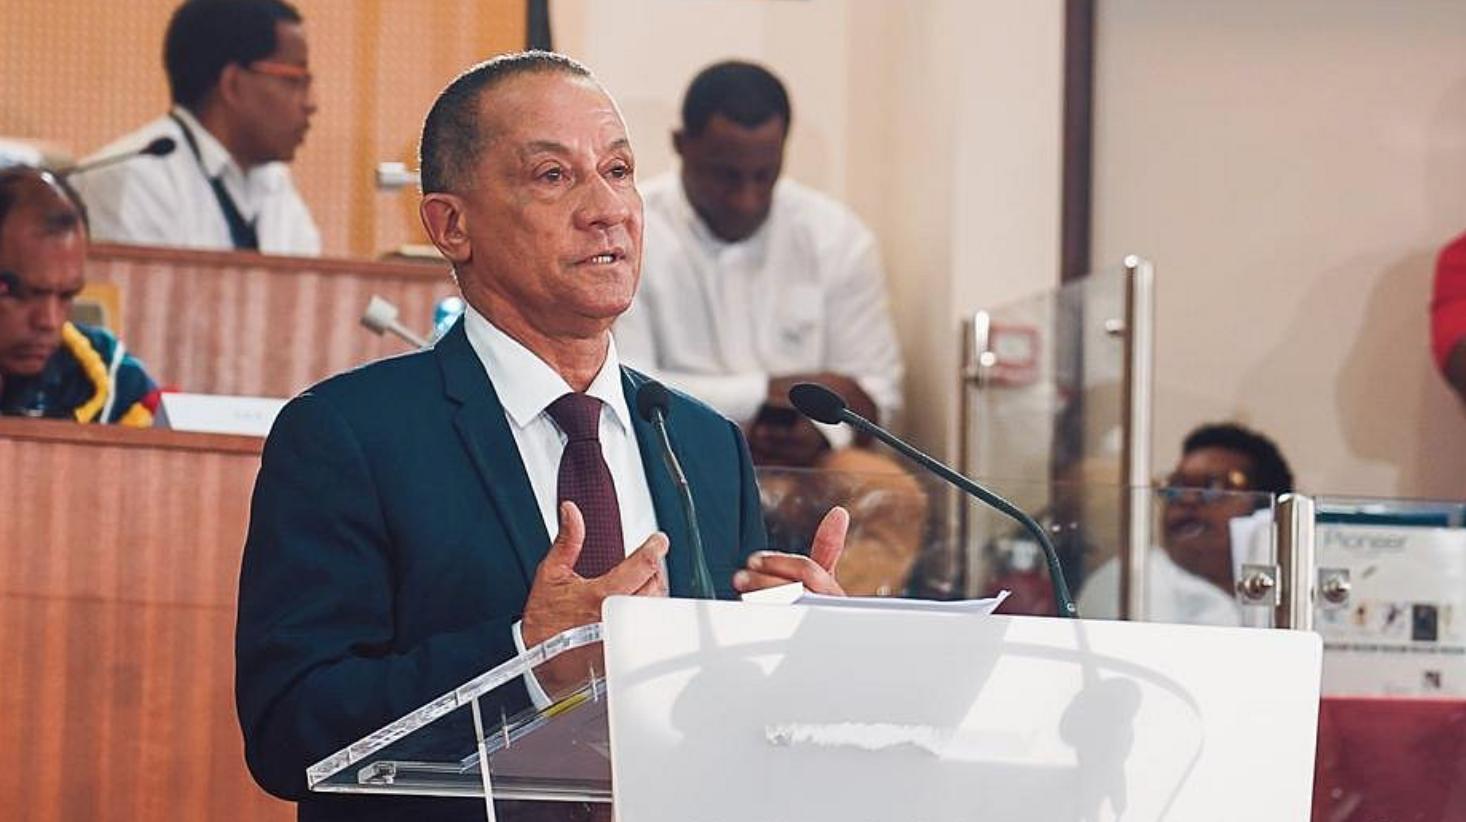 Guyane : Rodolphe Alexandre écrit à Edouard Philippe sur l'élaboration d'un statut sui generis pour le territoire